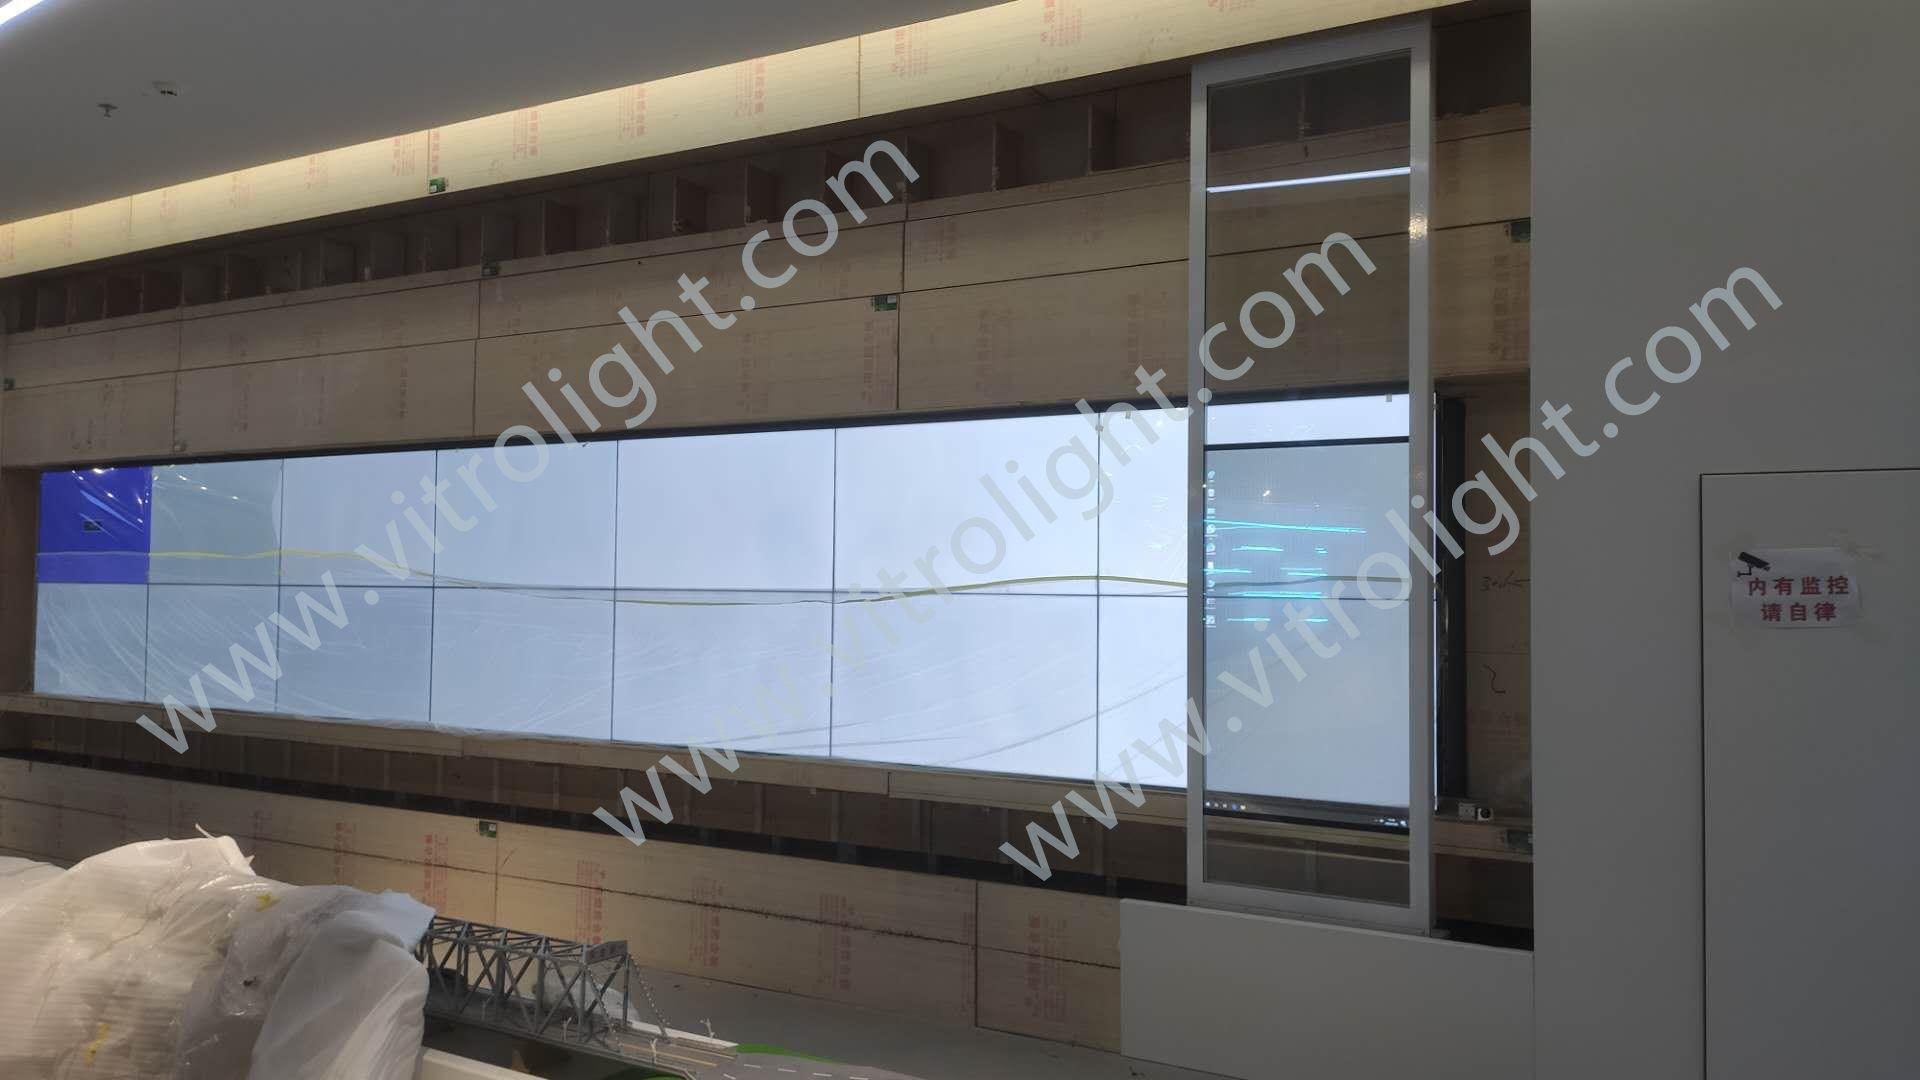 透明OLED-山東濱州科學院觸摸透明oled 滑軌項目